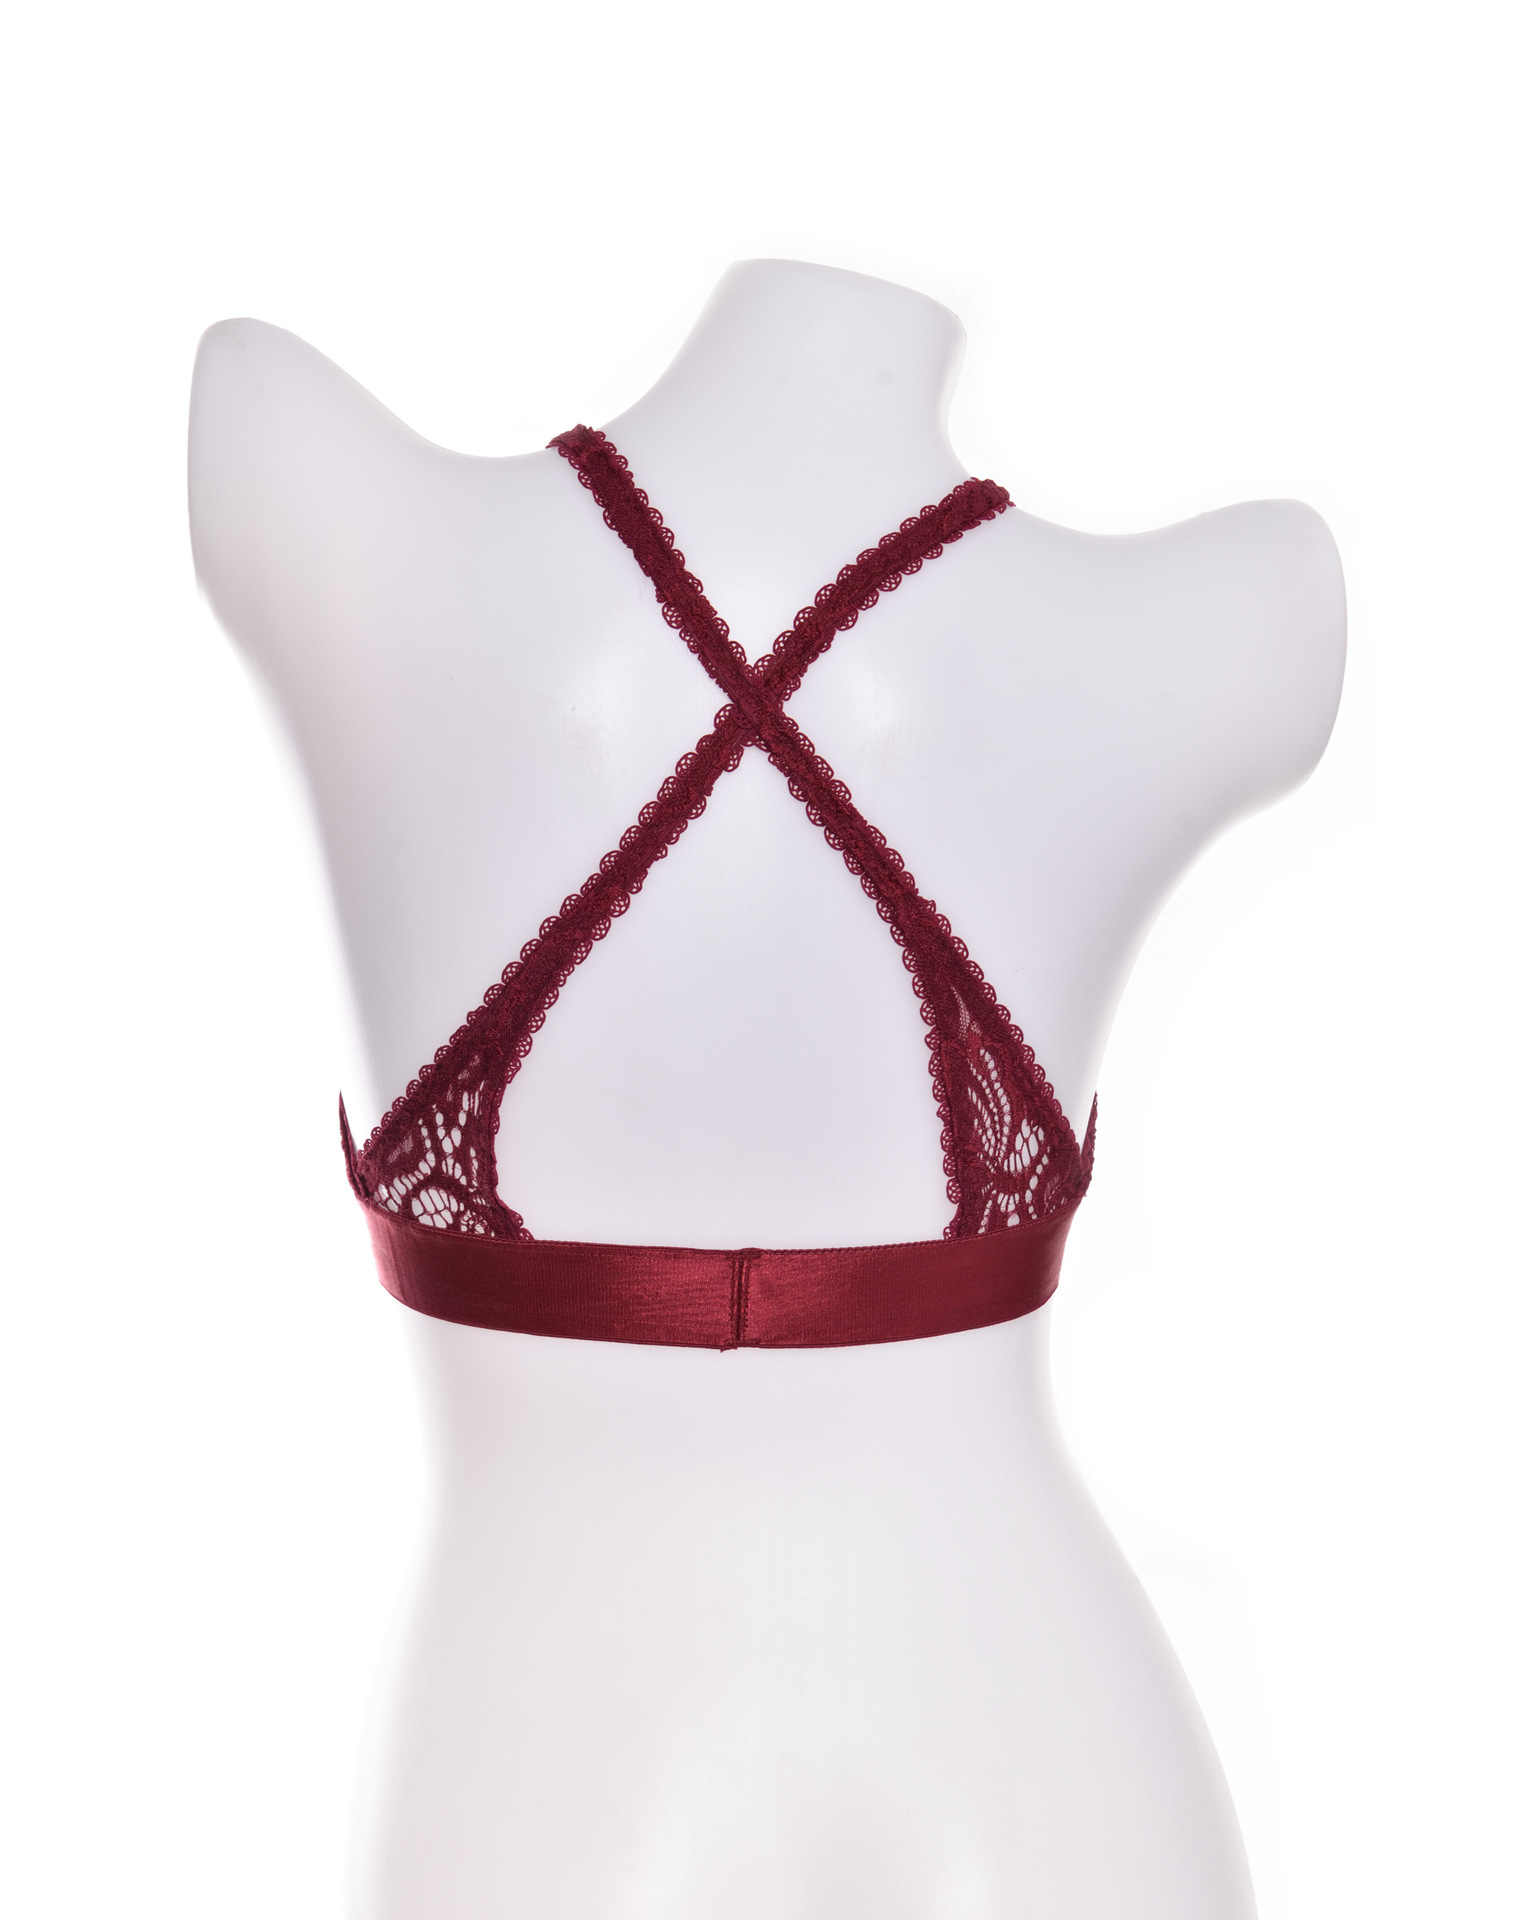 2020 ใหม่ลูกไม้ชุดชั้นในชุดชั้นในหญิงความงามกลับ Bralette หน้าอกเซ็กซี่ข้ามคอด้านบนบางสุภาพสตรีชุดชั้นในสตรีชุดชั้นใน